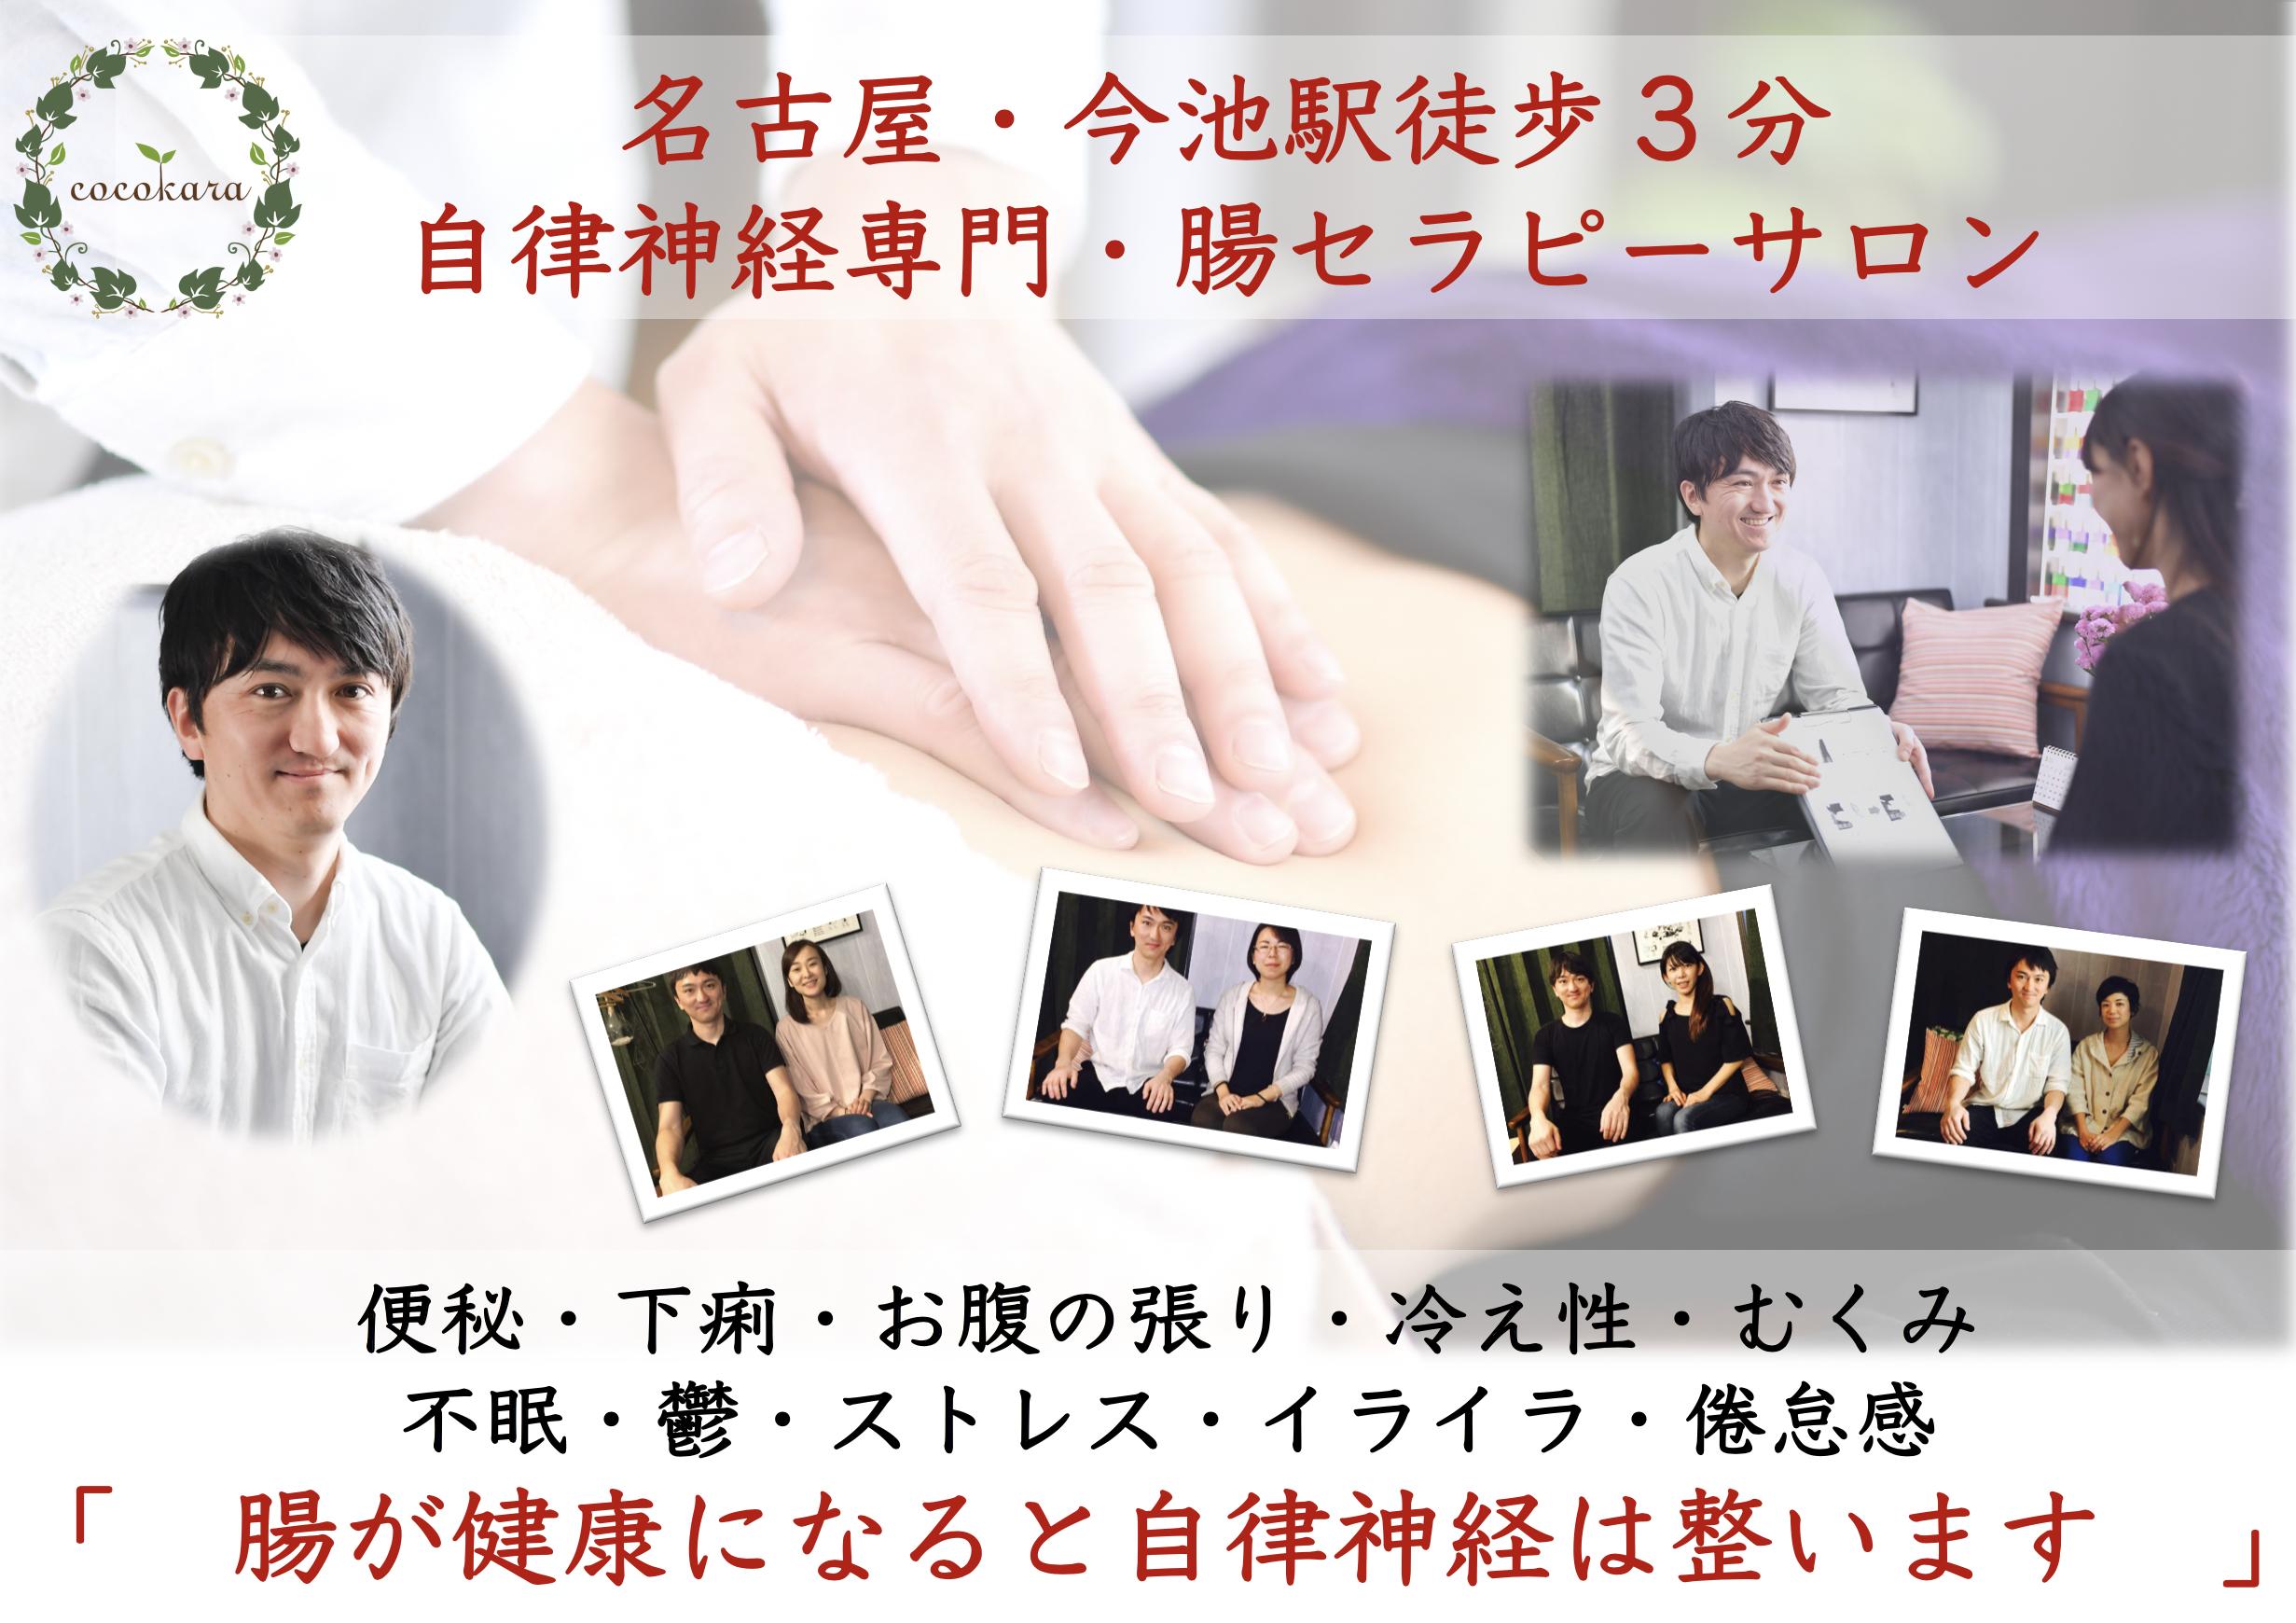 【名古屋】 自律神経専門/腸セラピーサロン Cocokara